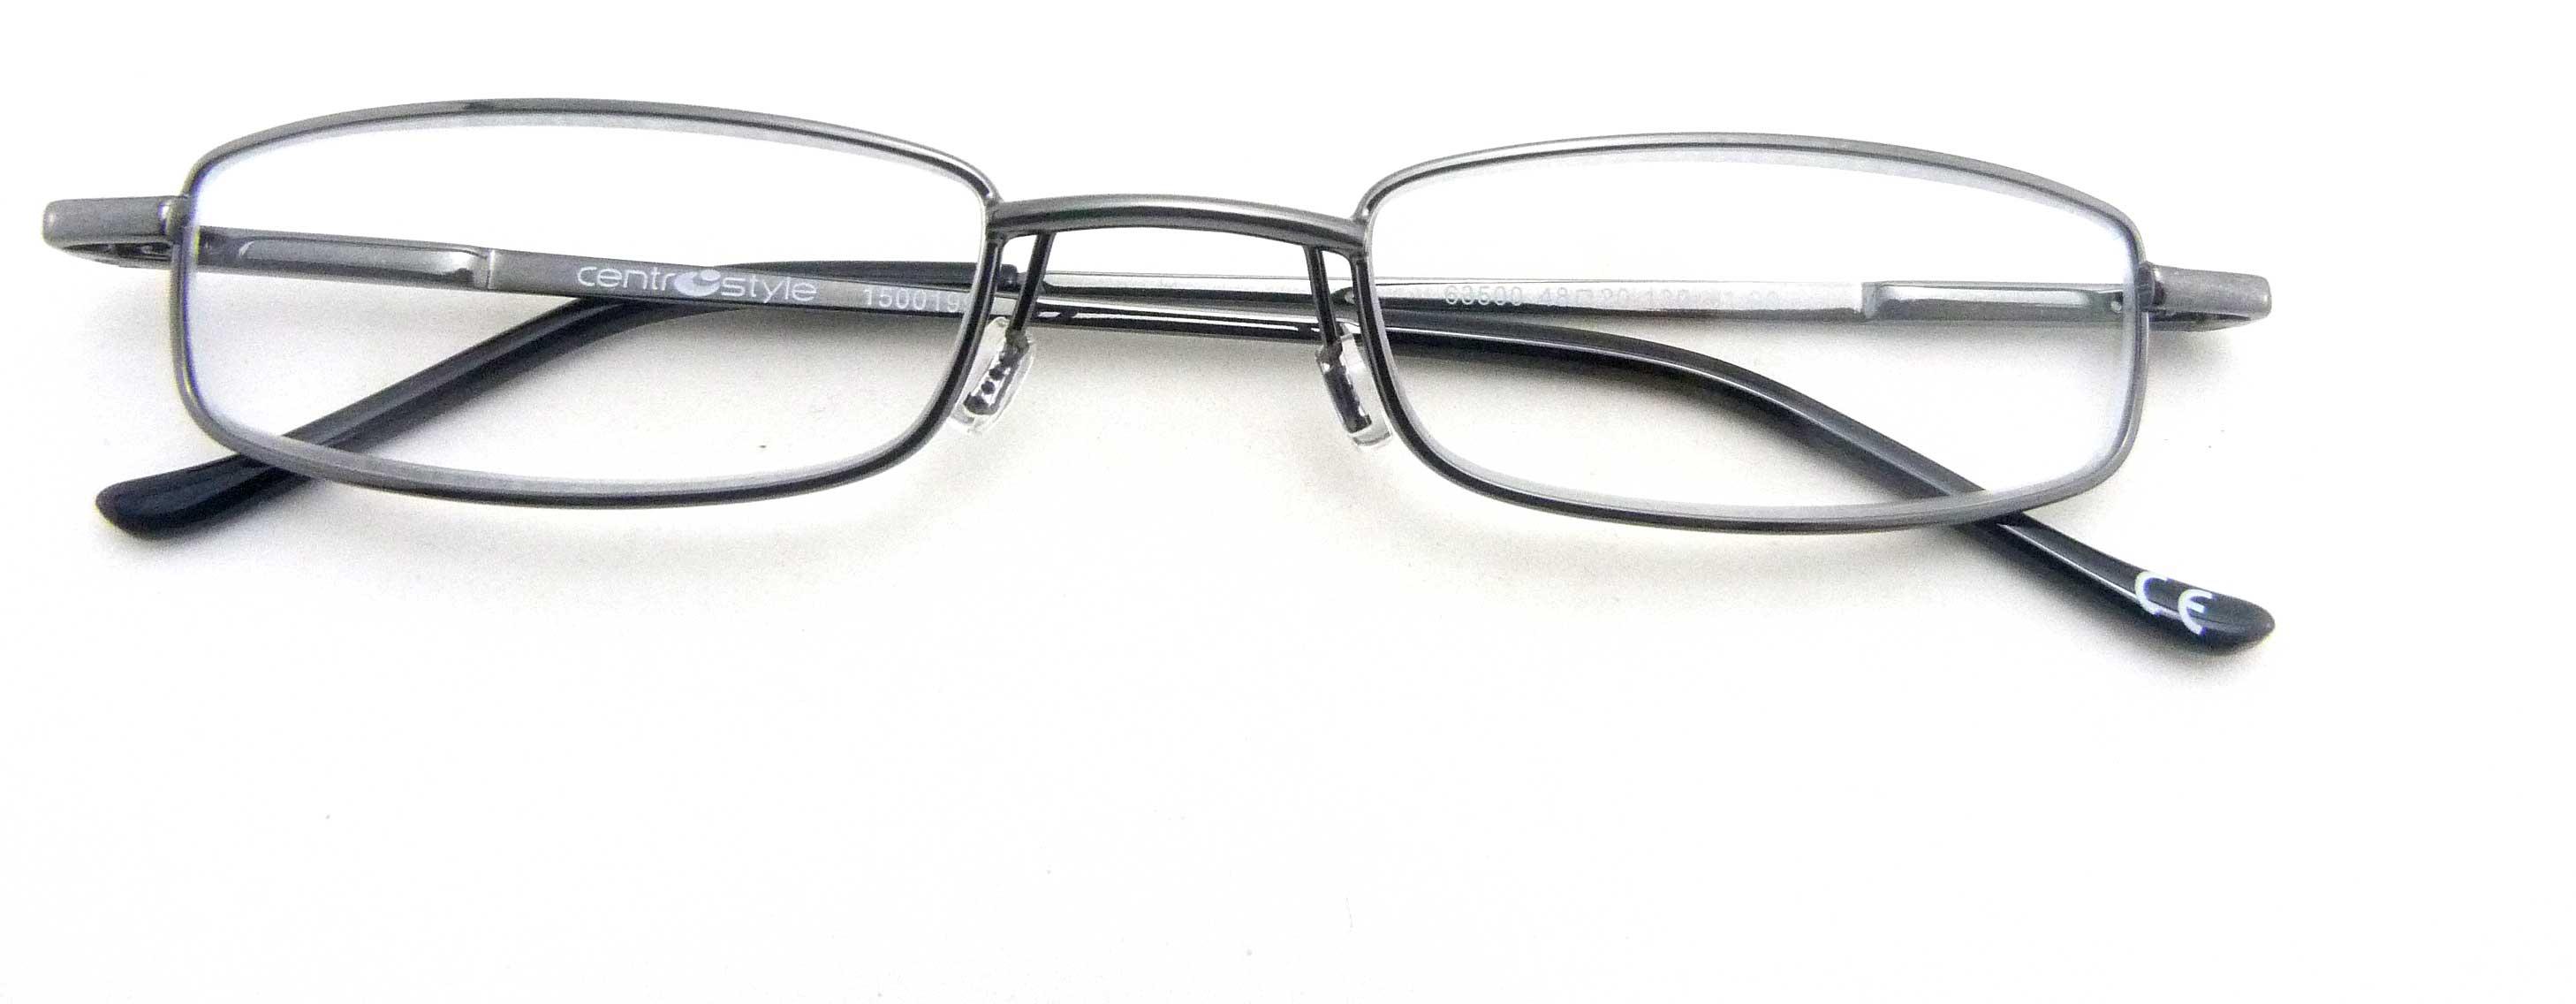 0263509 - Óculos Leitura Flex AT +3,50 GunMetal Mod 63509 FLAG 9  -Contém 1 Peça